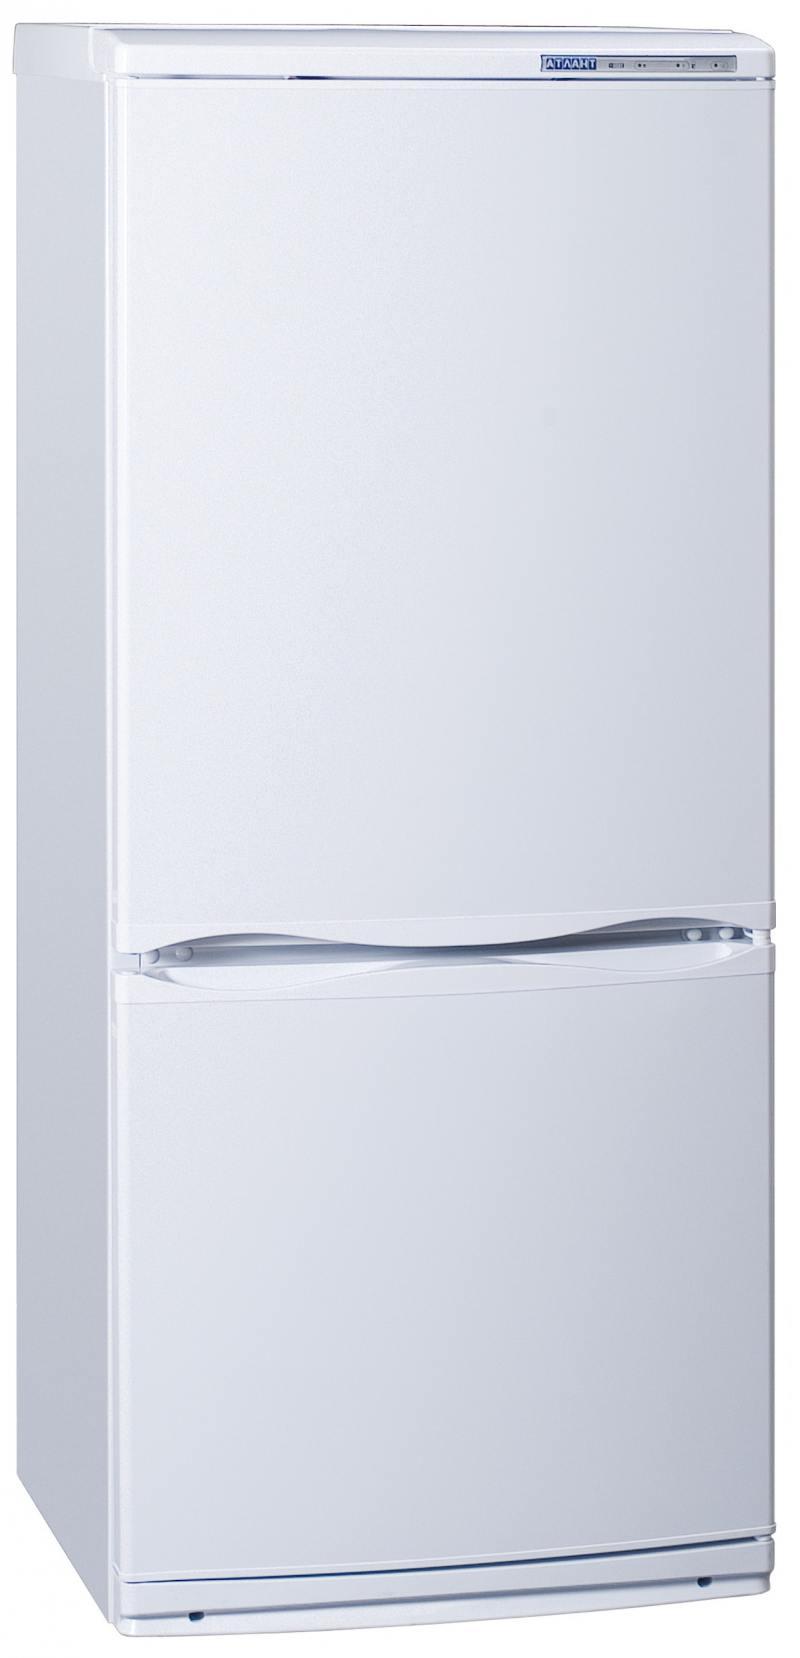 Холодильник ATLANT 4008-022 двухкамерный холодильник atlant хм 4521 060 nd